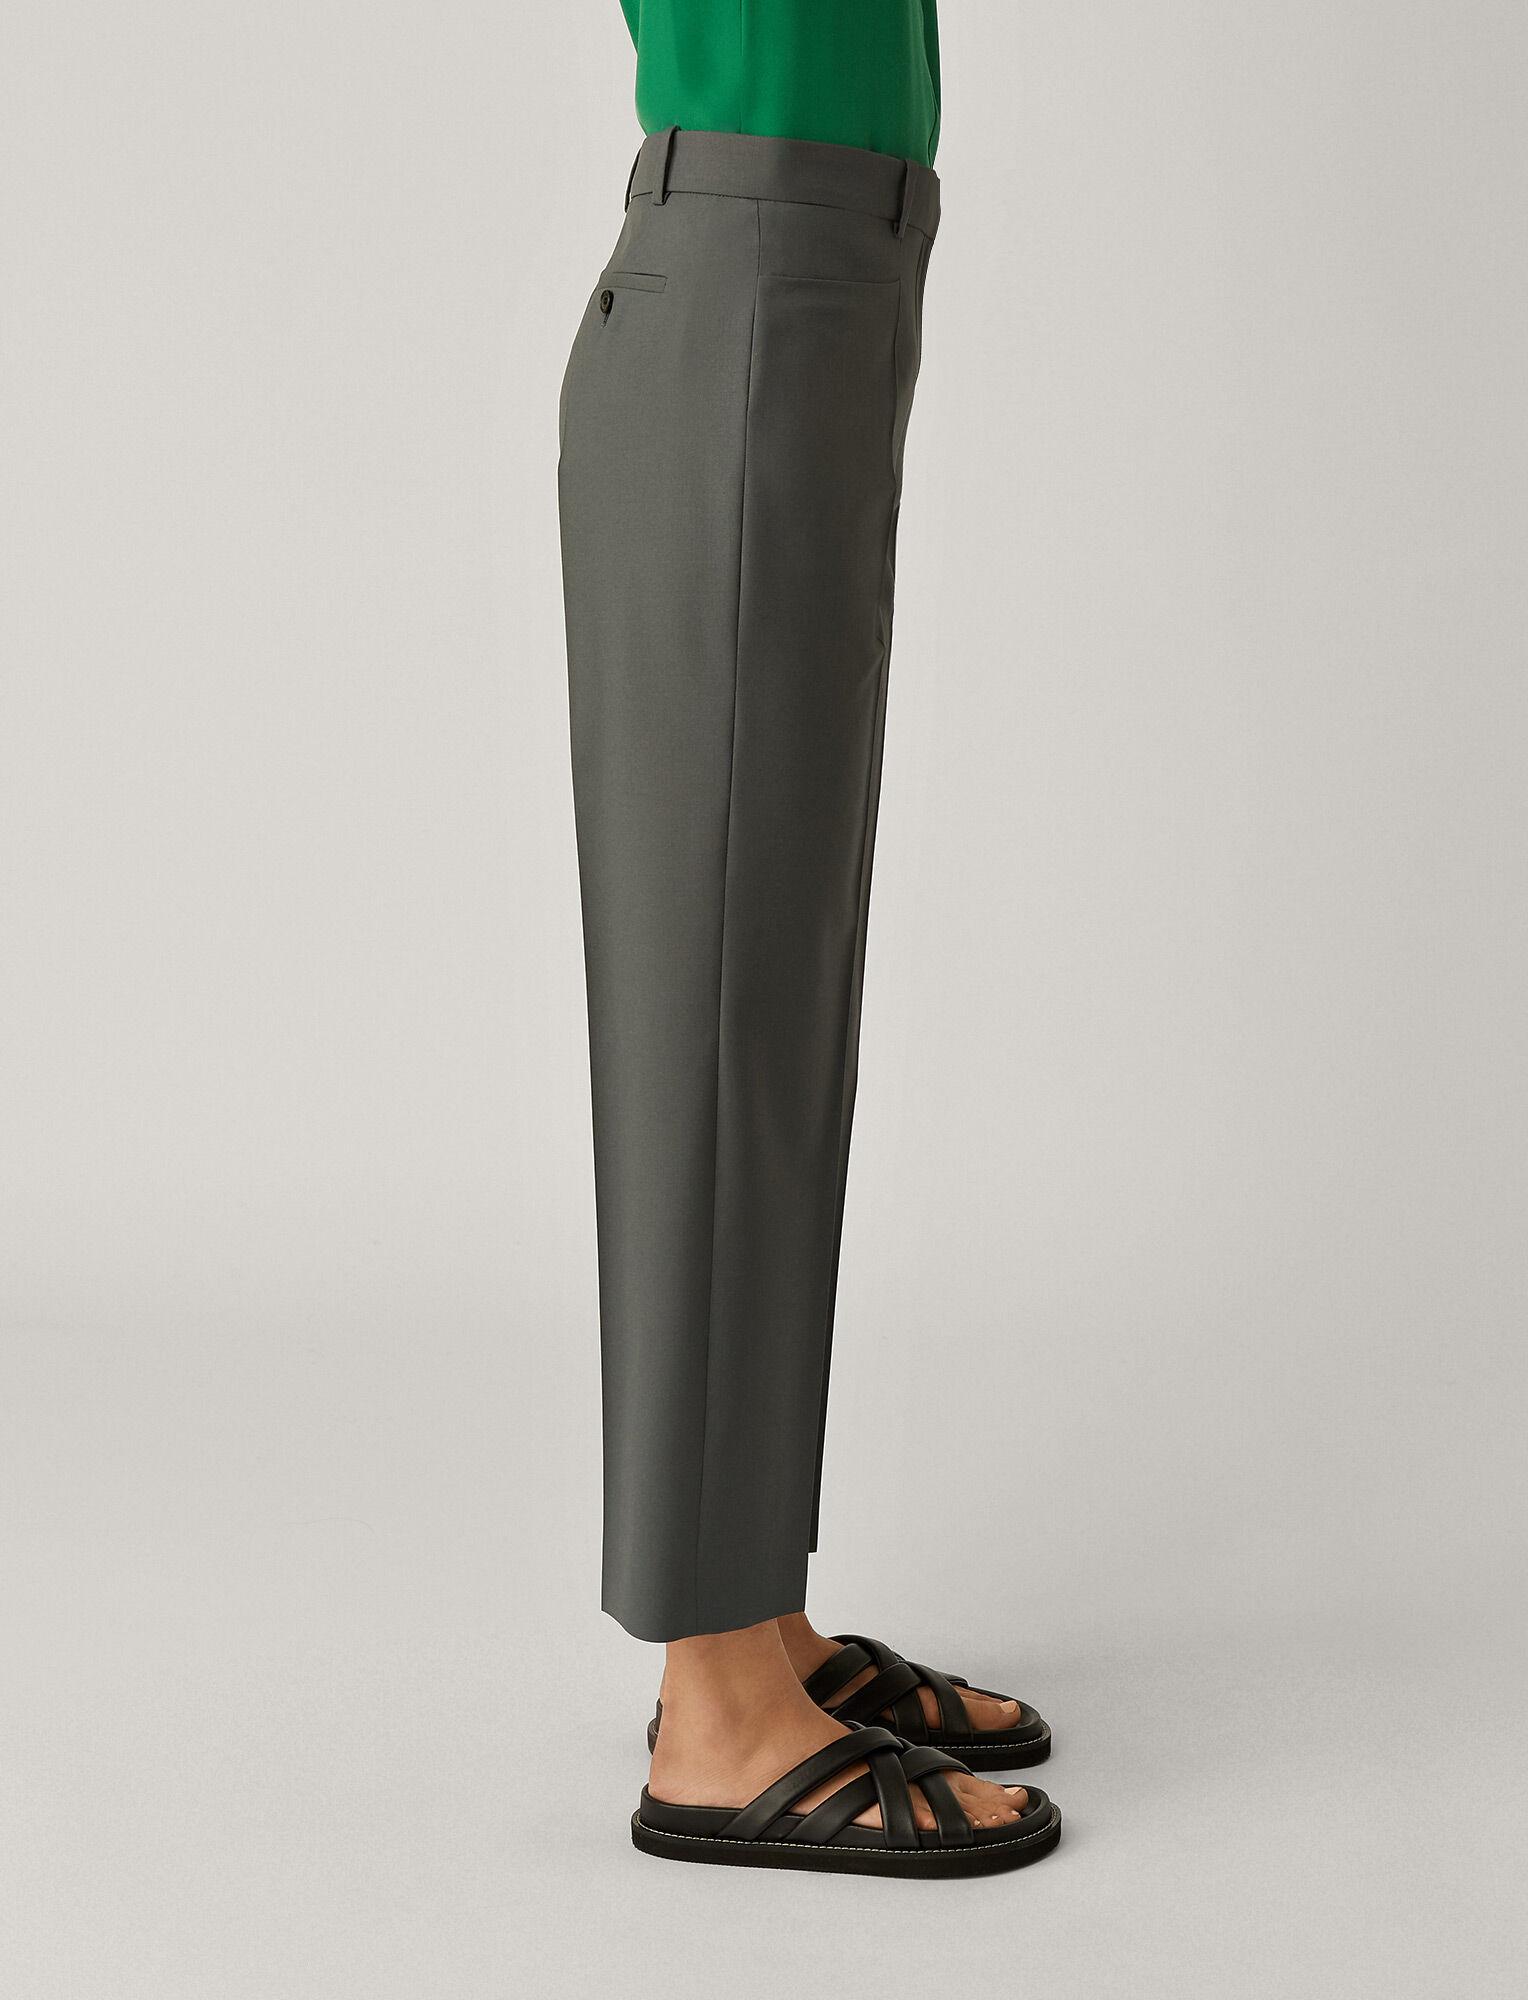 Joseph, Sloe Toile de Laine Trousers, in SLATE GREY